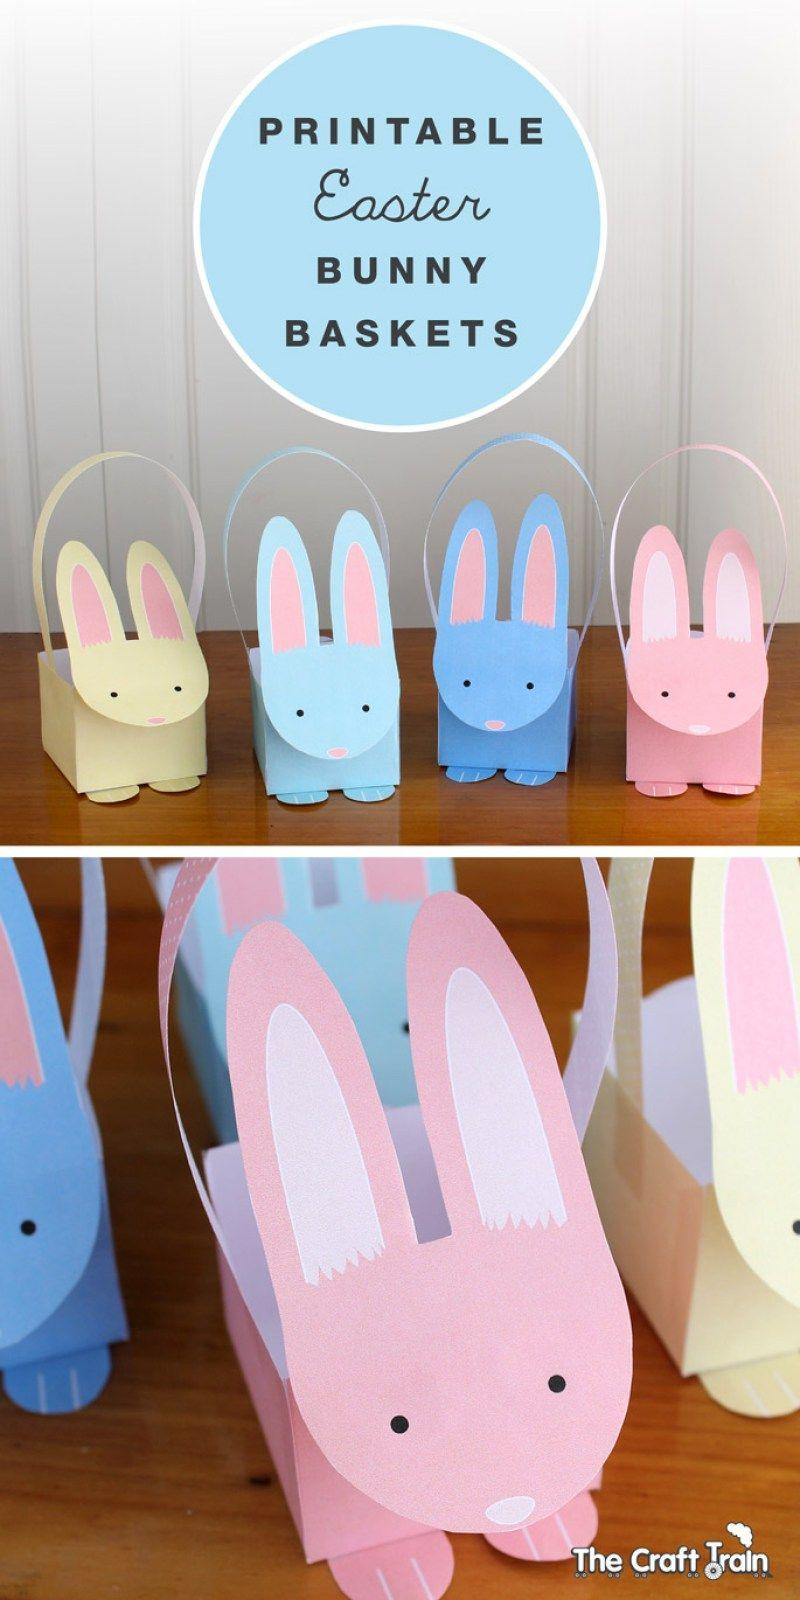 Printable Easter Bunny Baskets | Easter & Spring | Pinterest - Free Printable Easter Egg Basket Templates